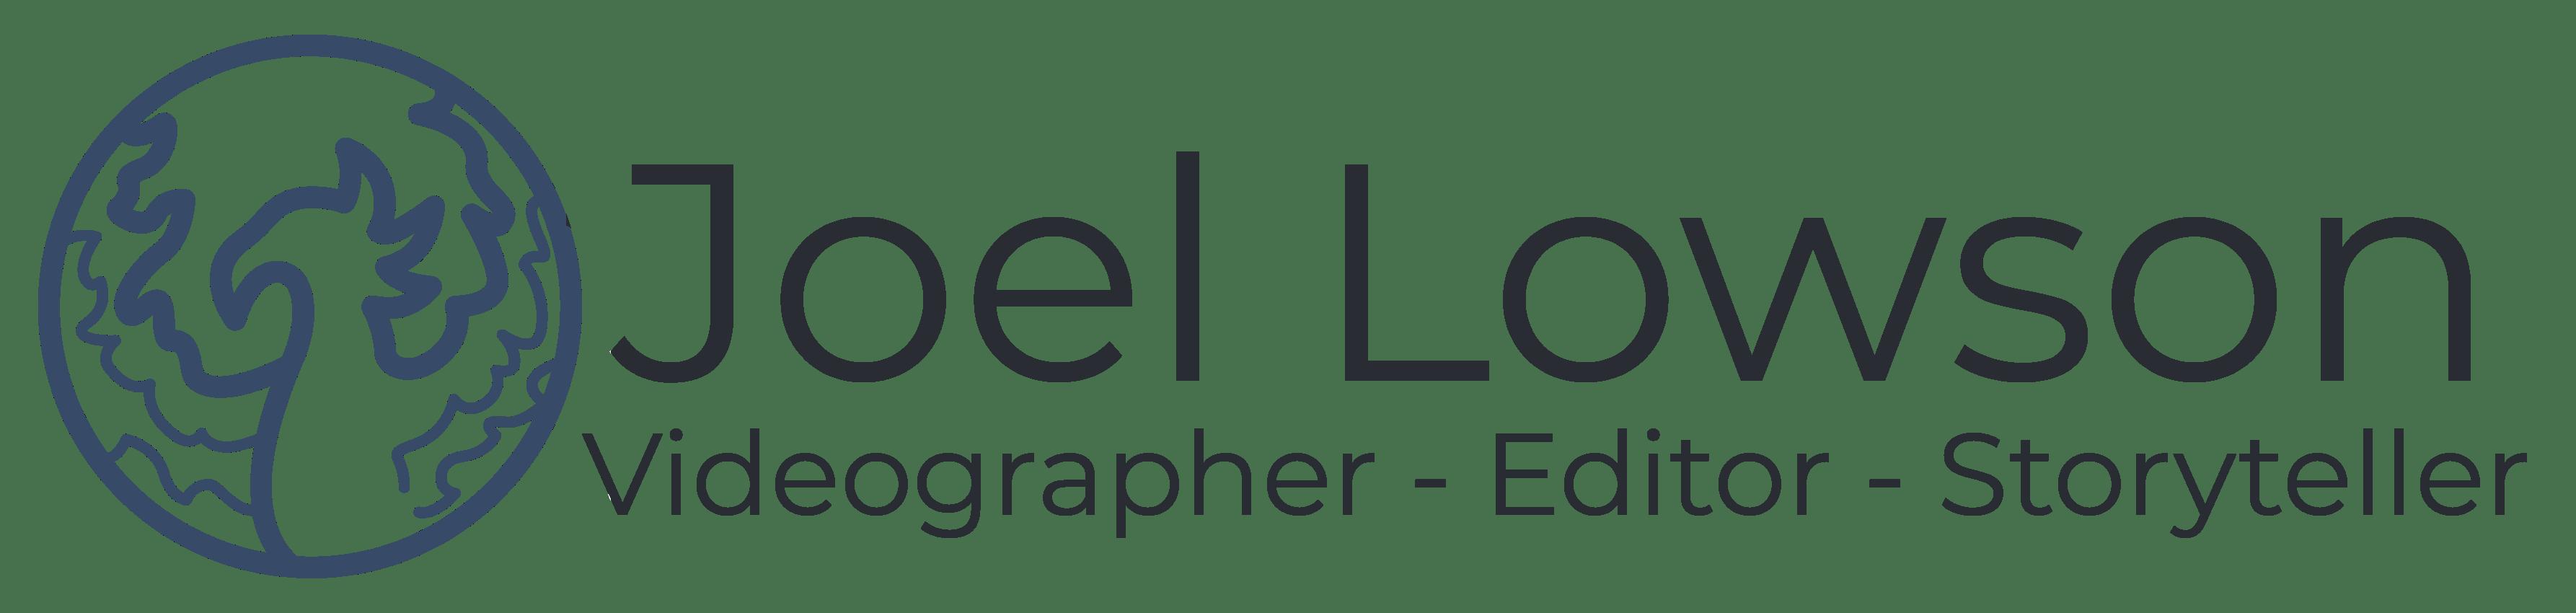 Joel Lowson-logo